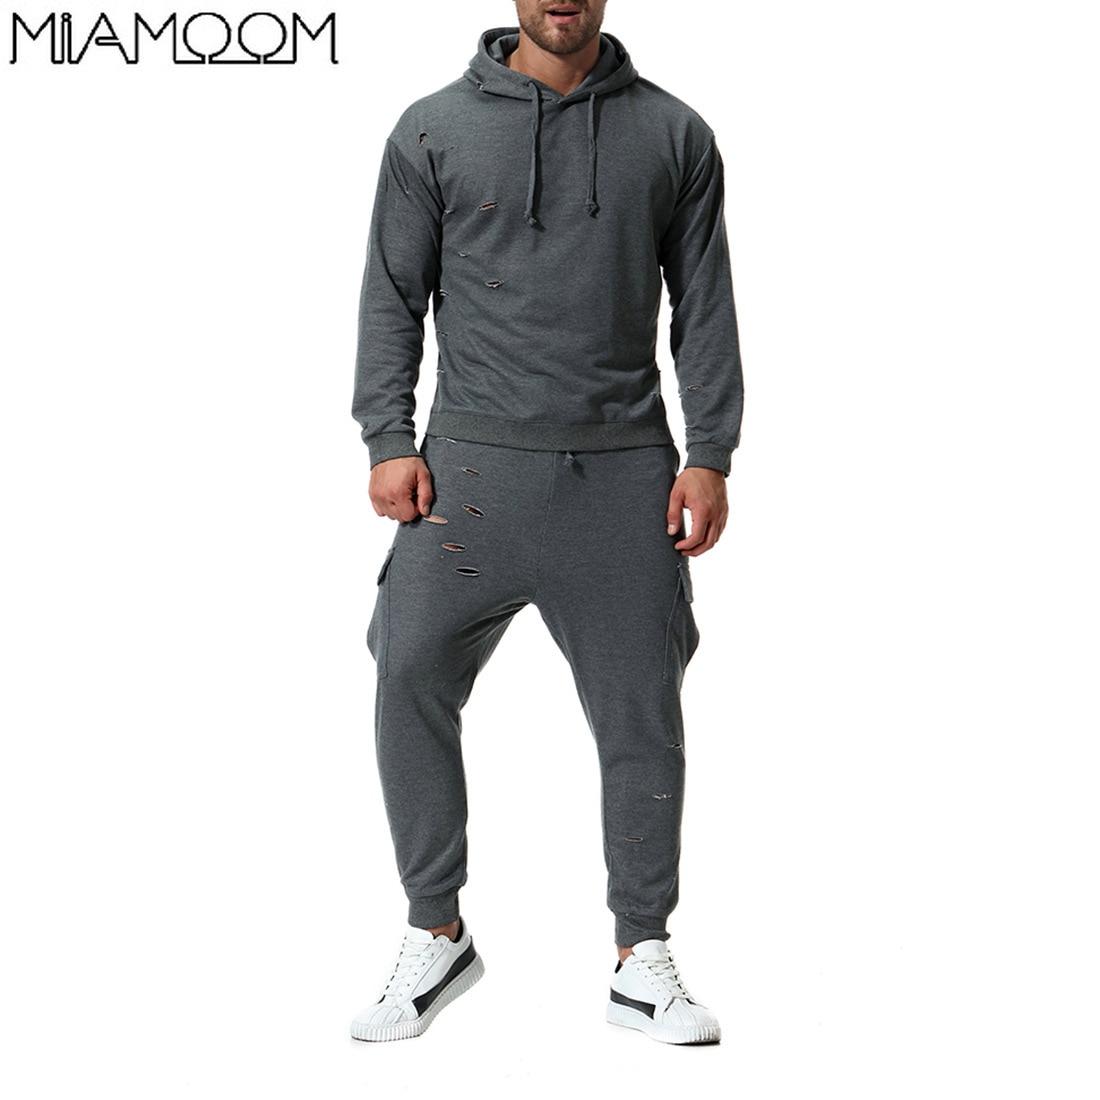 Hommes Sweat costume automne hommes à capuche mode tendance cassé personnalité sport décontracté hommes costumes